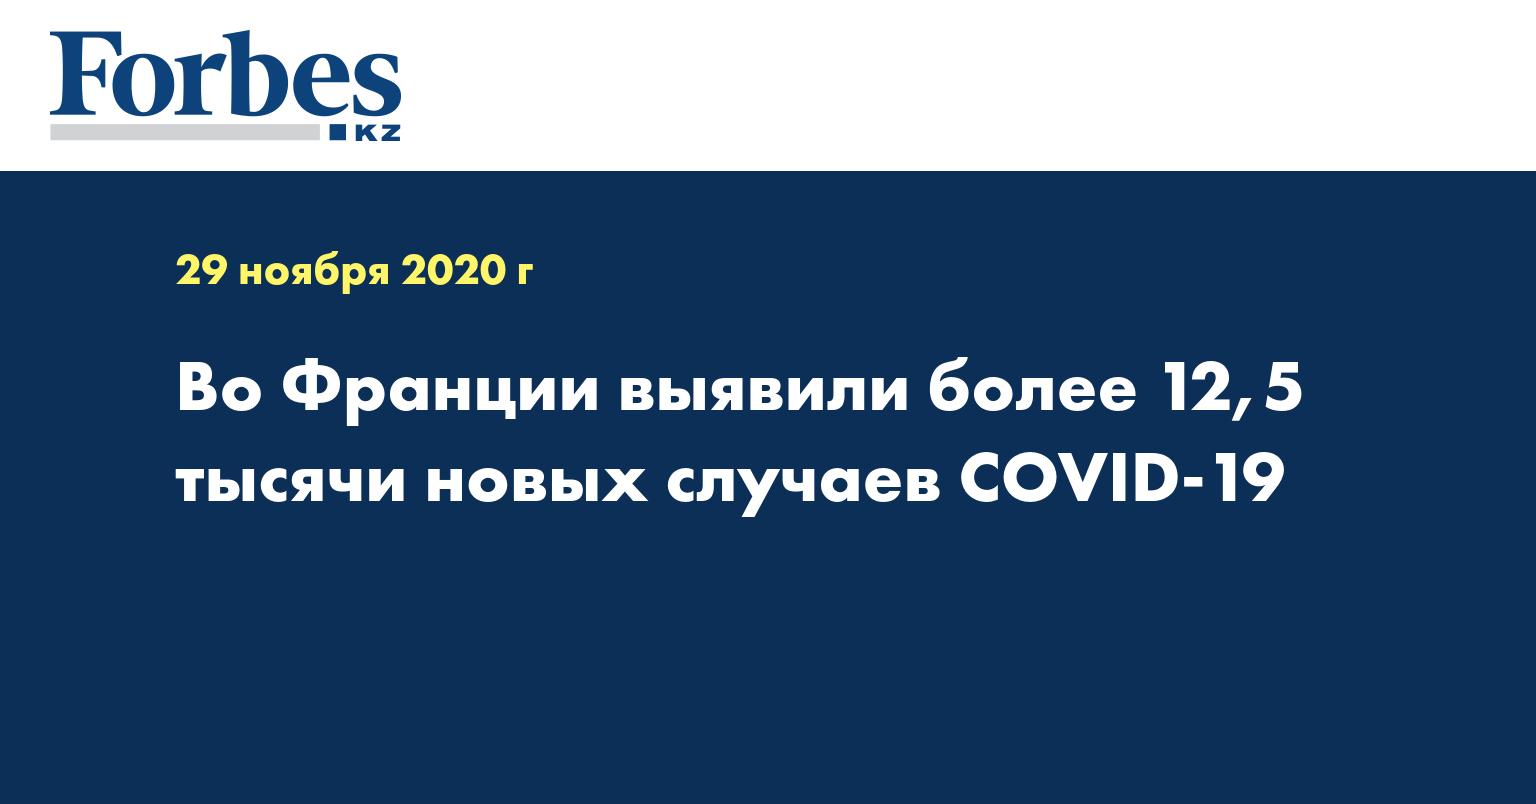 Во Франции выявили более 12,5 тысячи новых случаев COVID-19